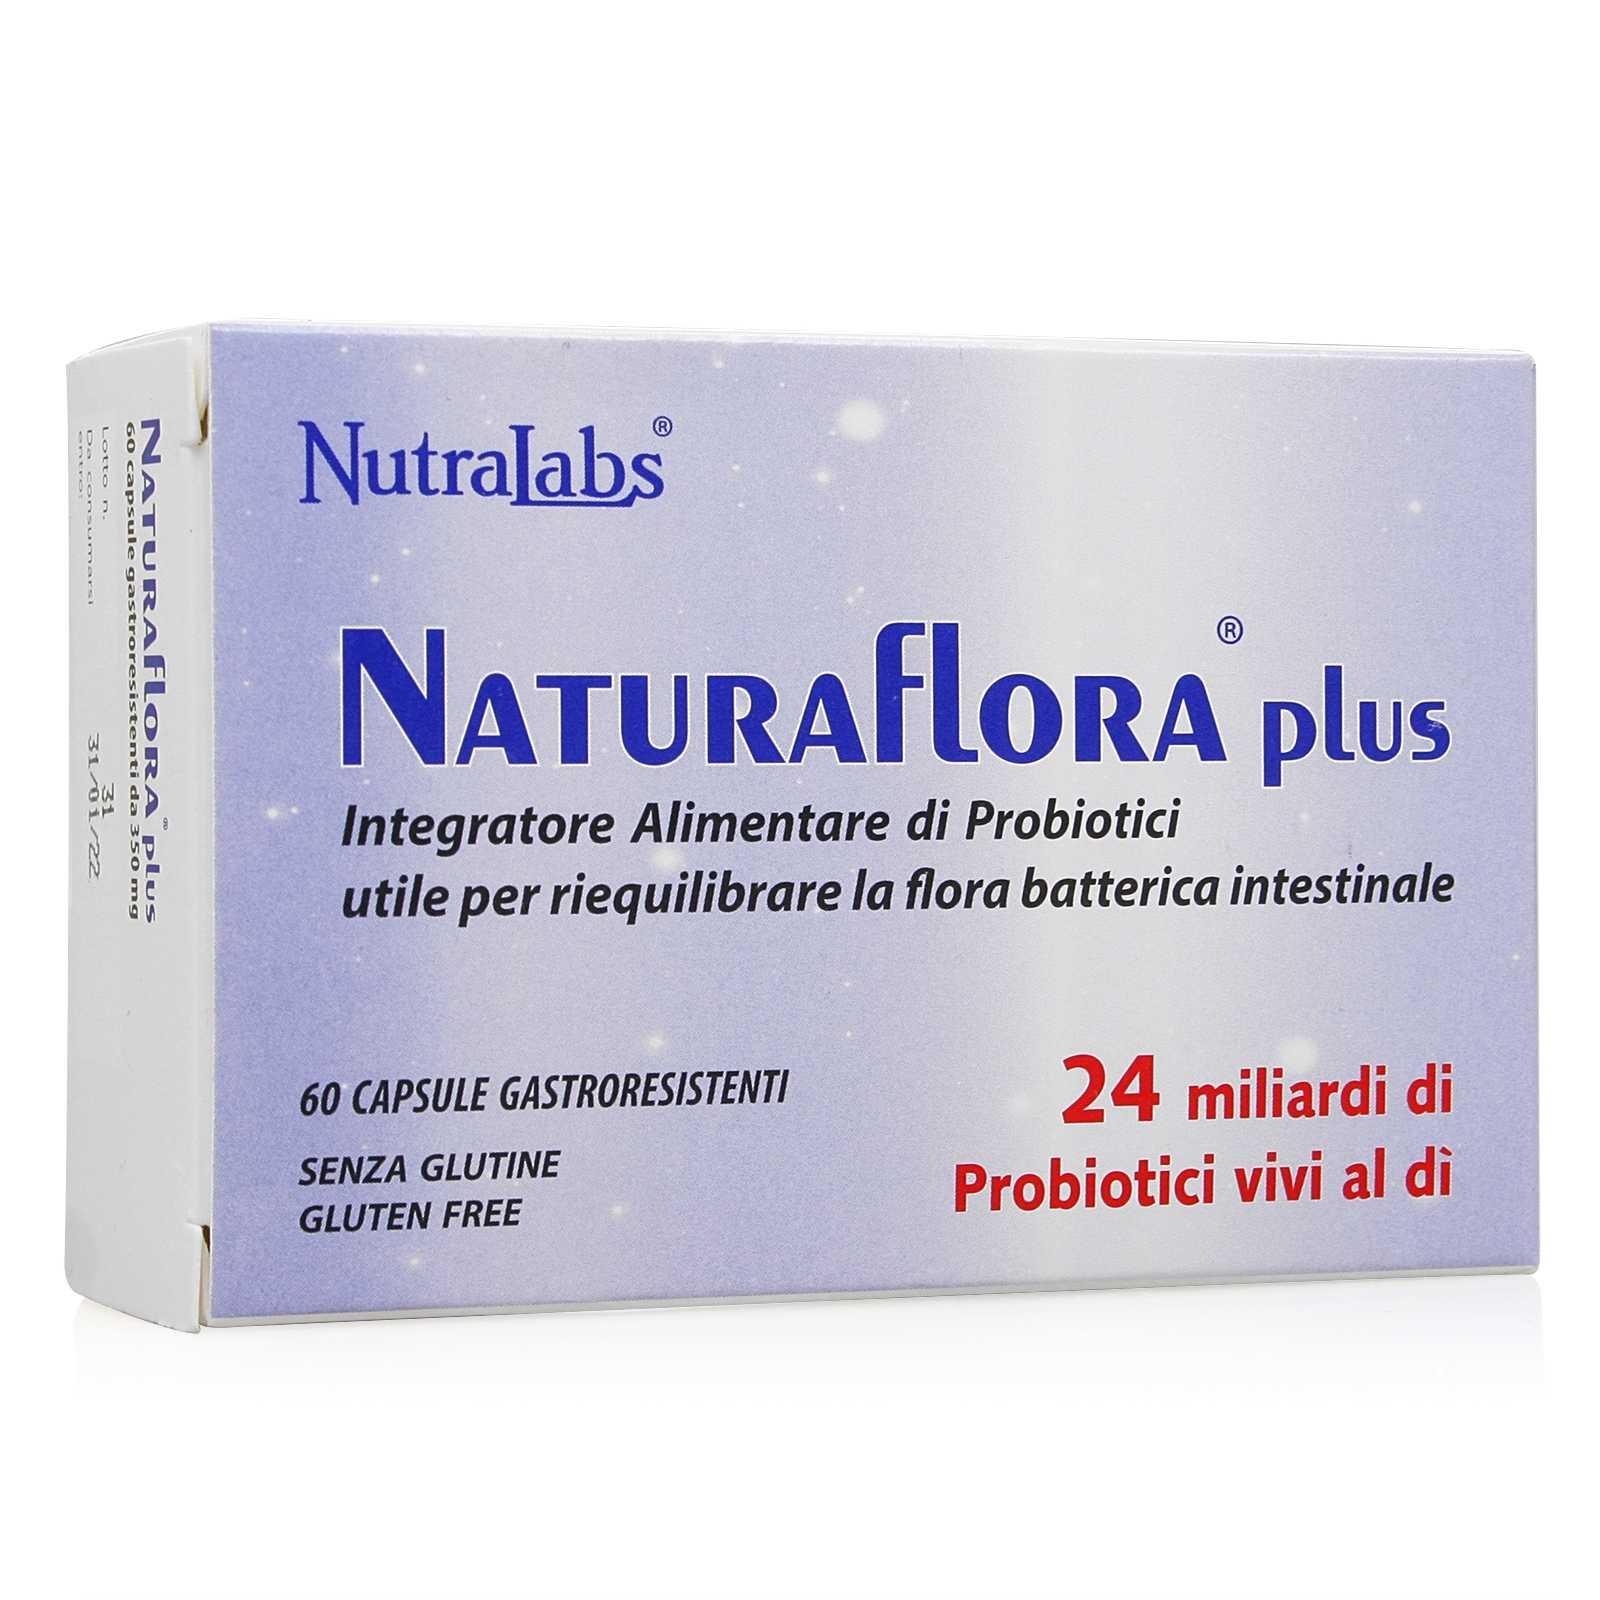 L'erba Buona - Probiotico per la flora batterica - Naturaflora Plus Capsule